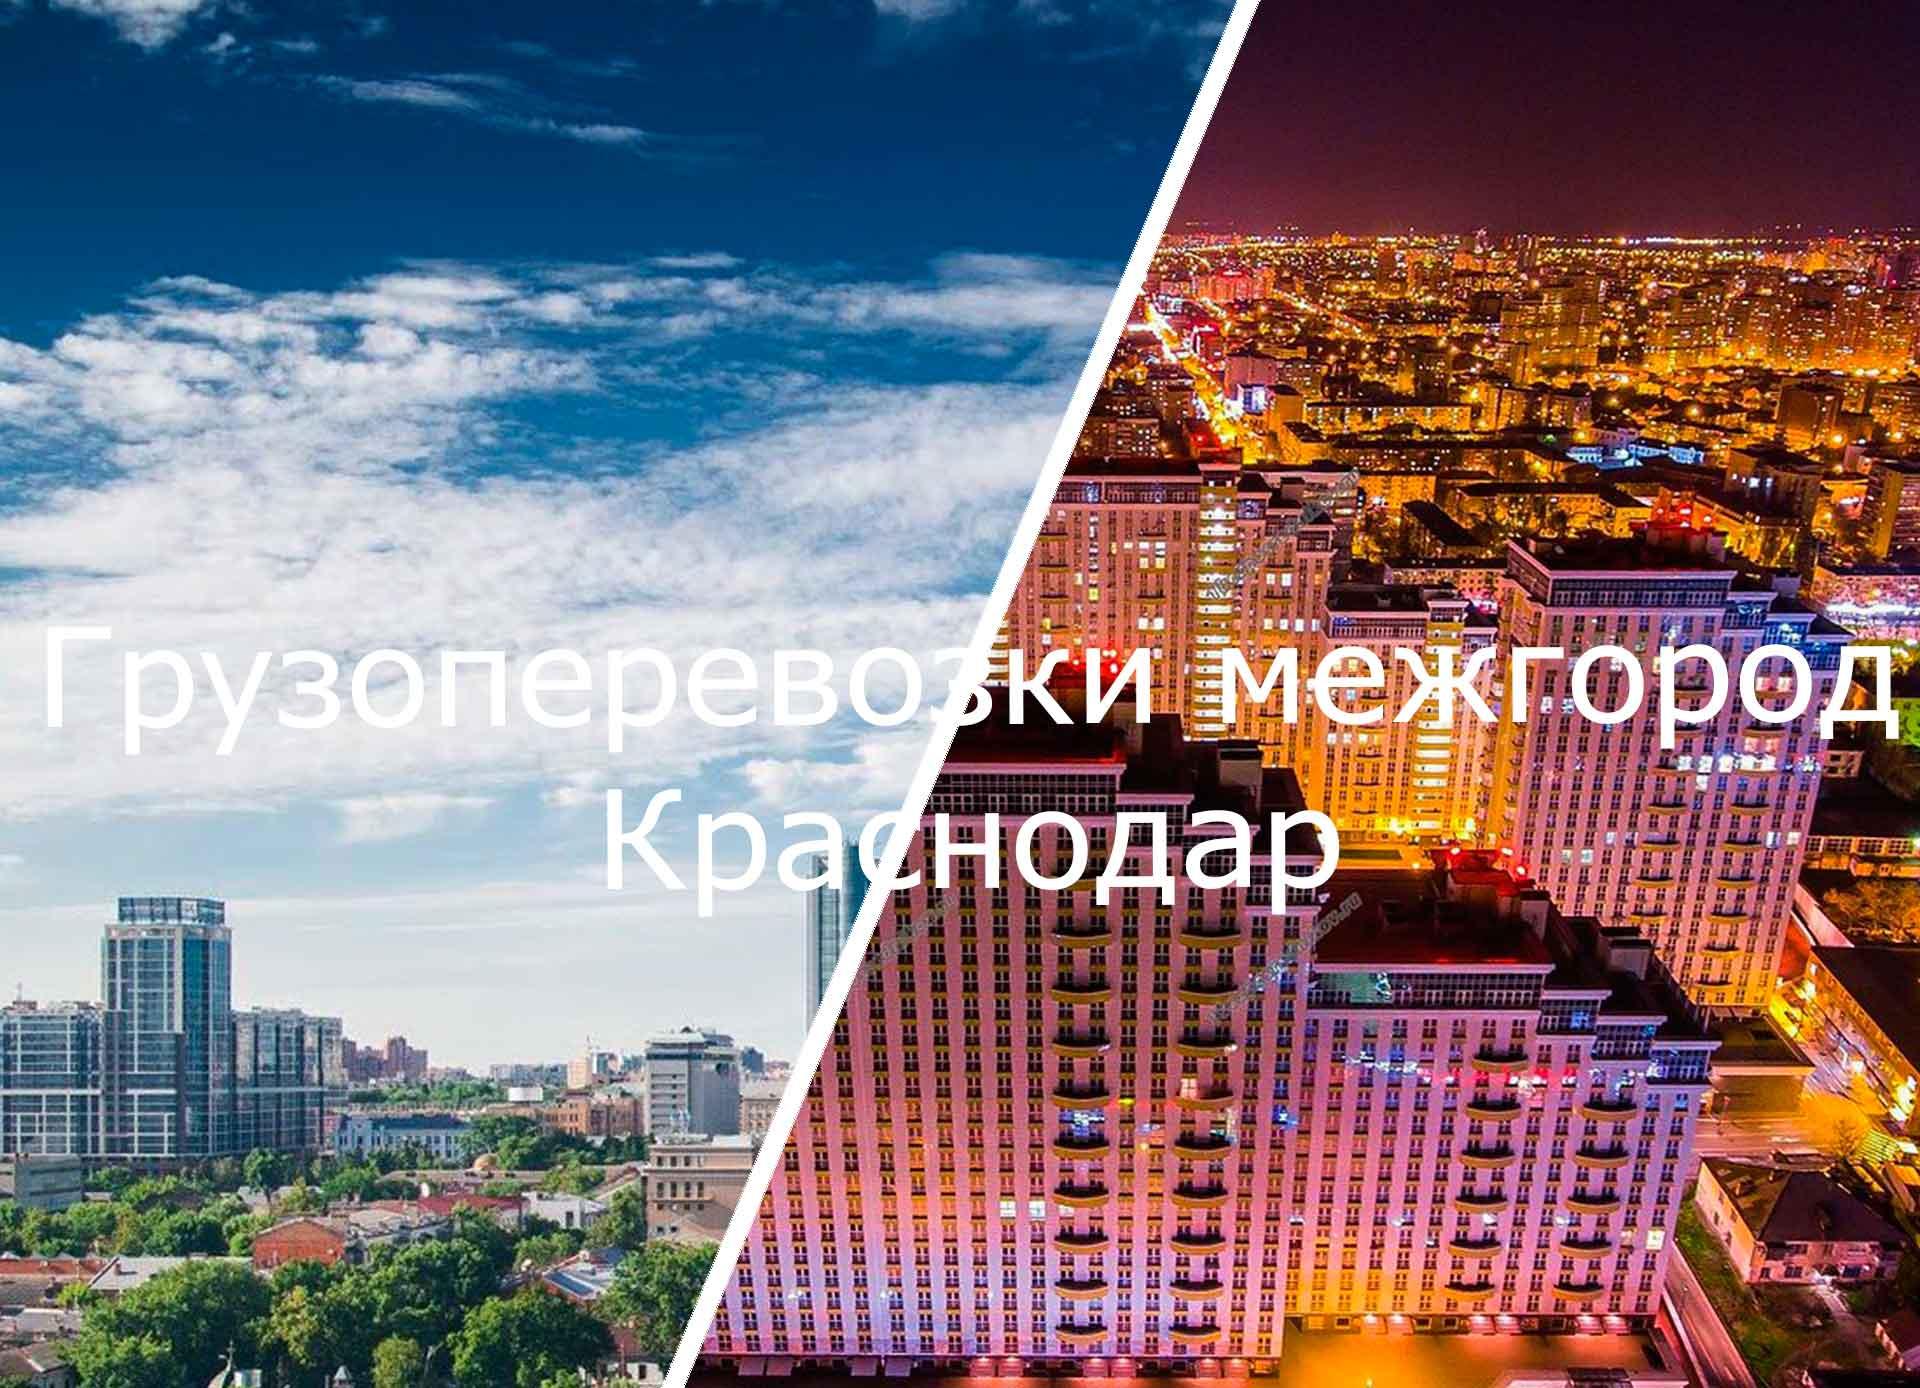 грузоперевозки межгород краснодар